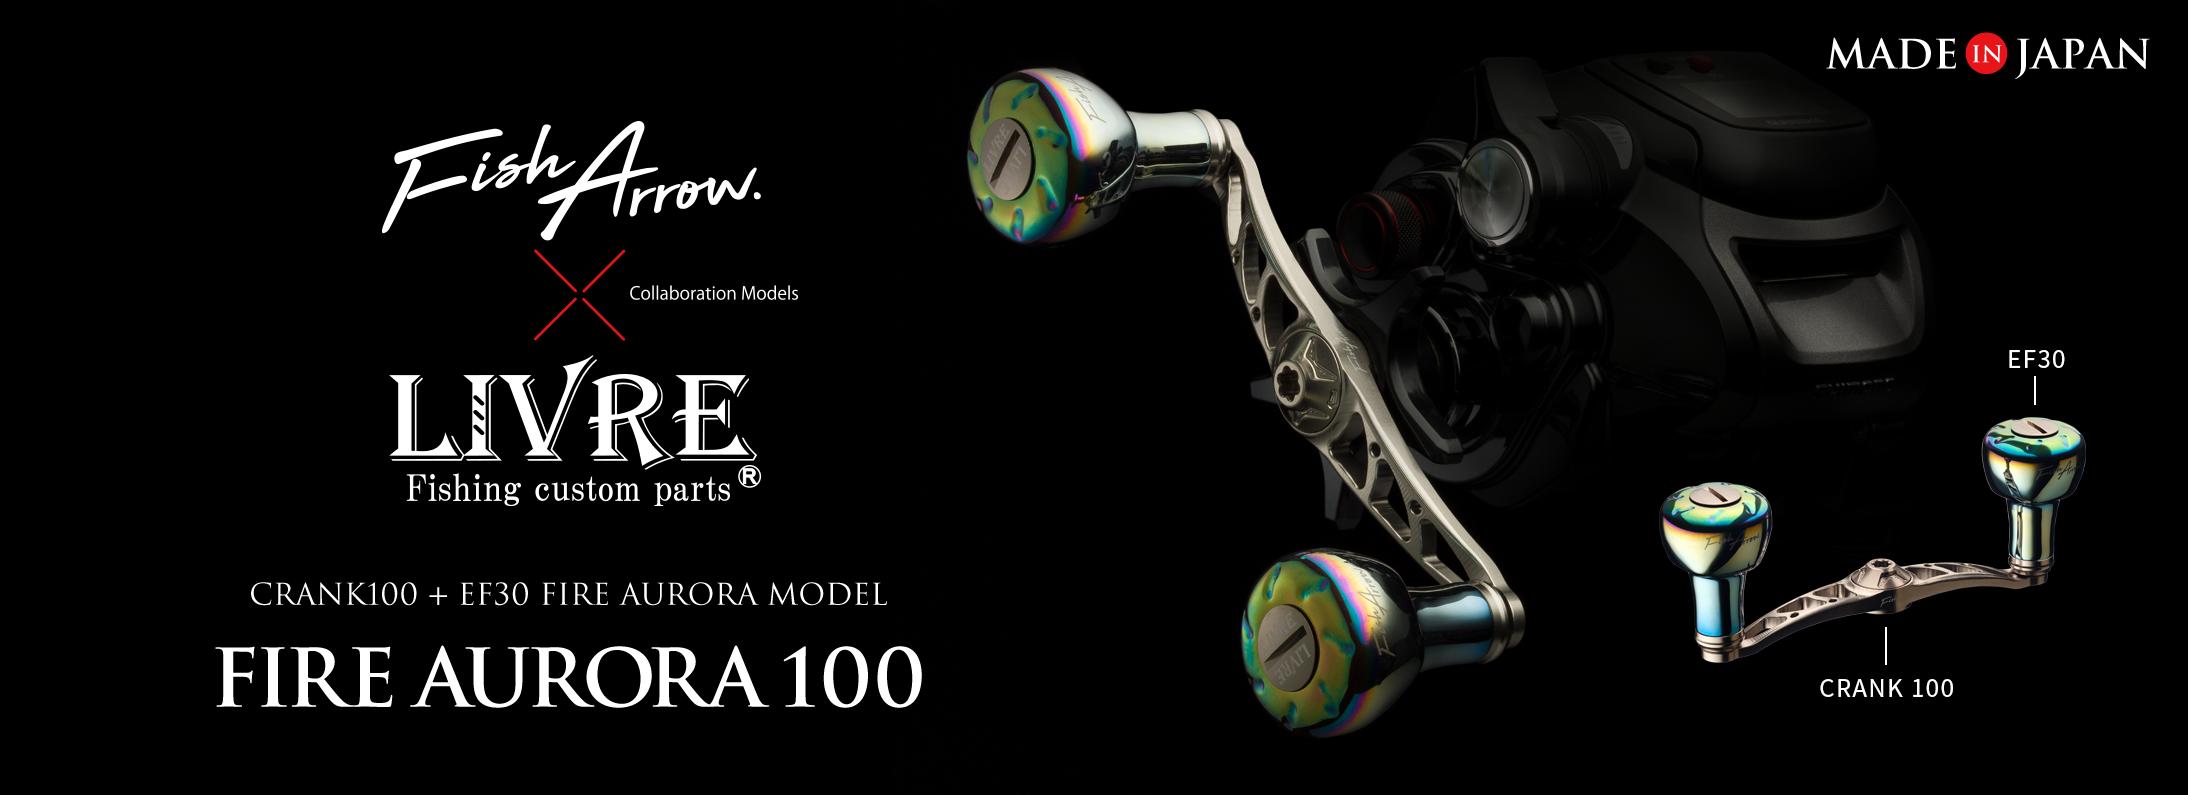 fireaurora100